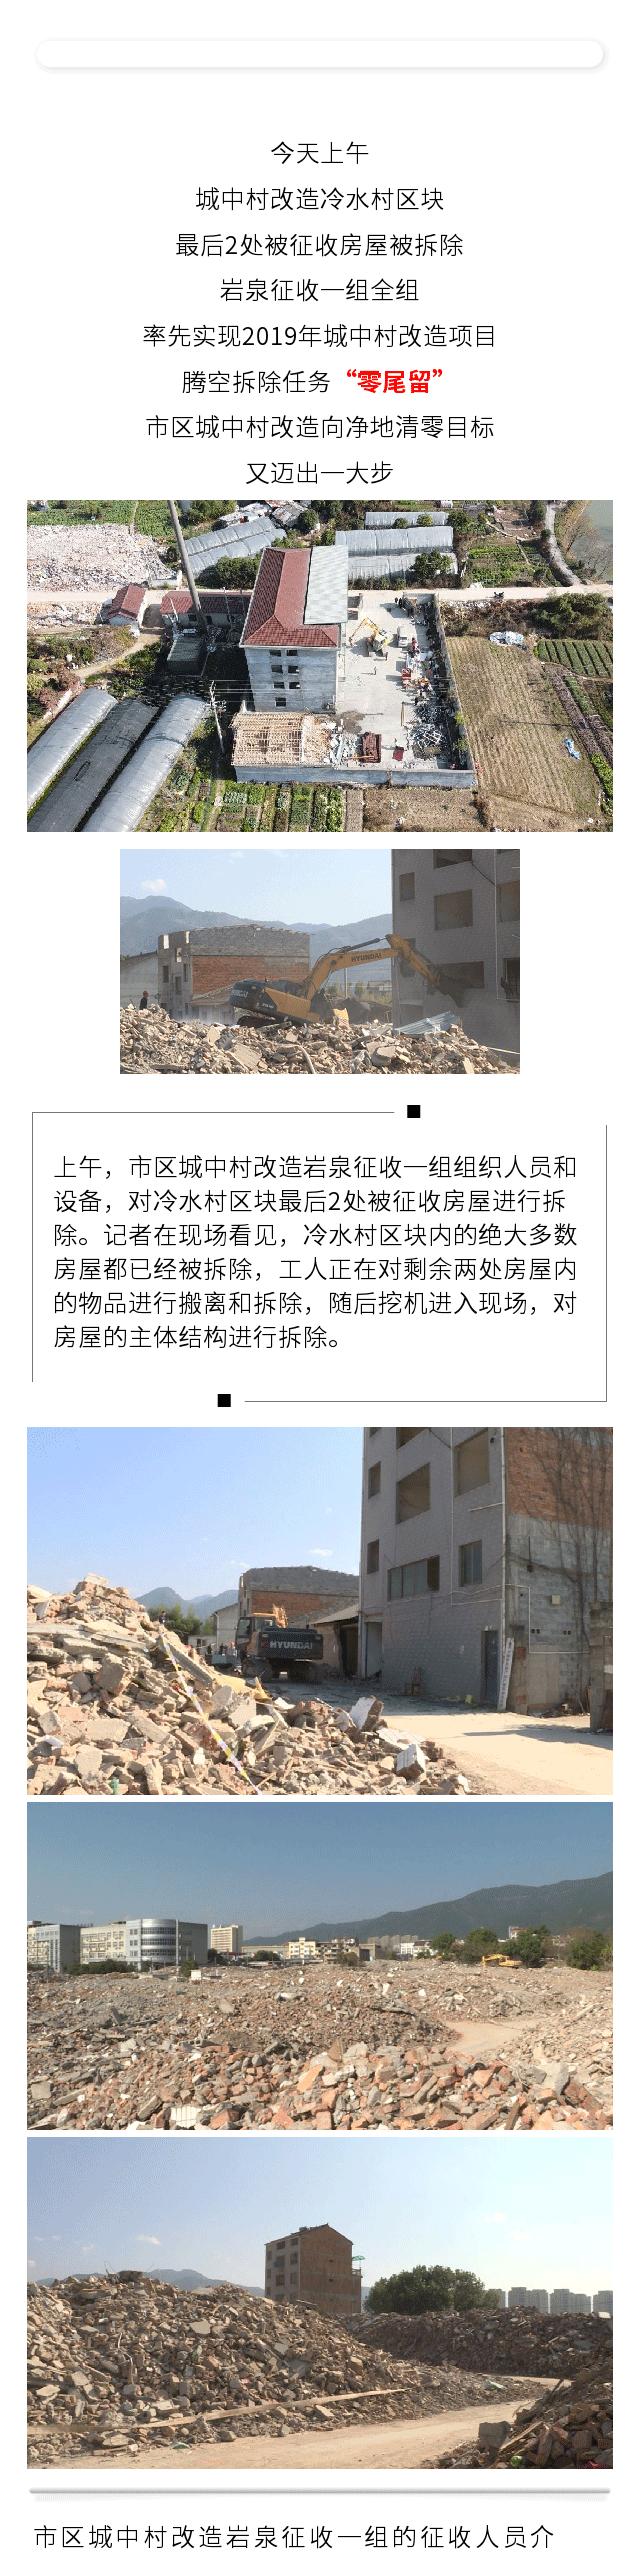 净地清零!期待华丽转身!丽水城中村改造这个地块最后2处拆除!_01.png